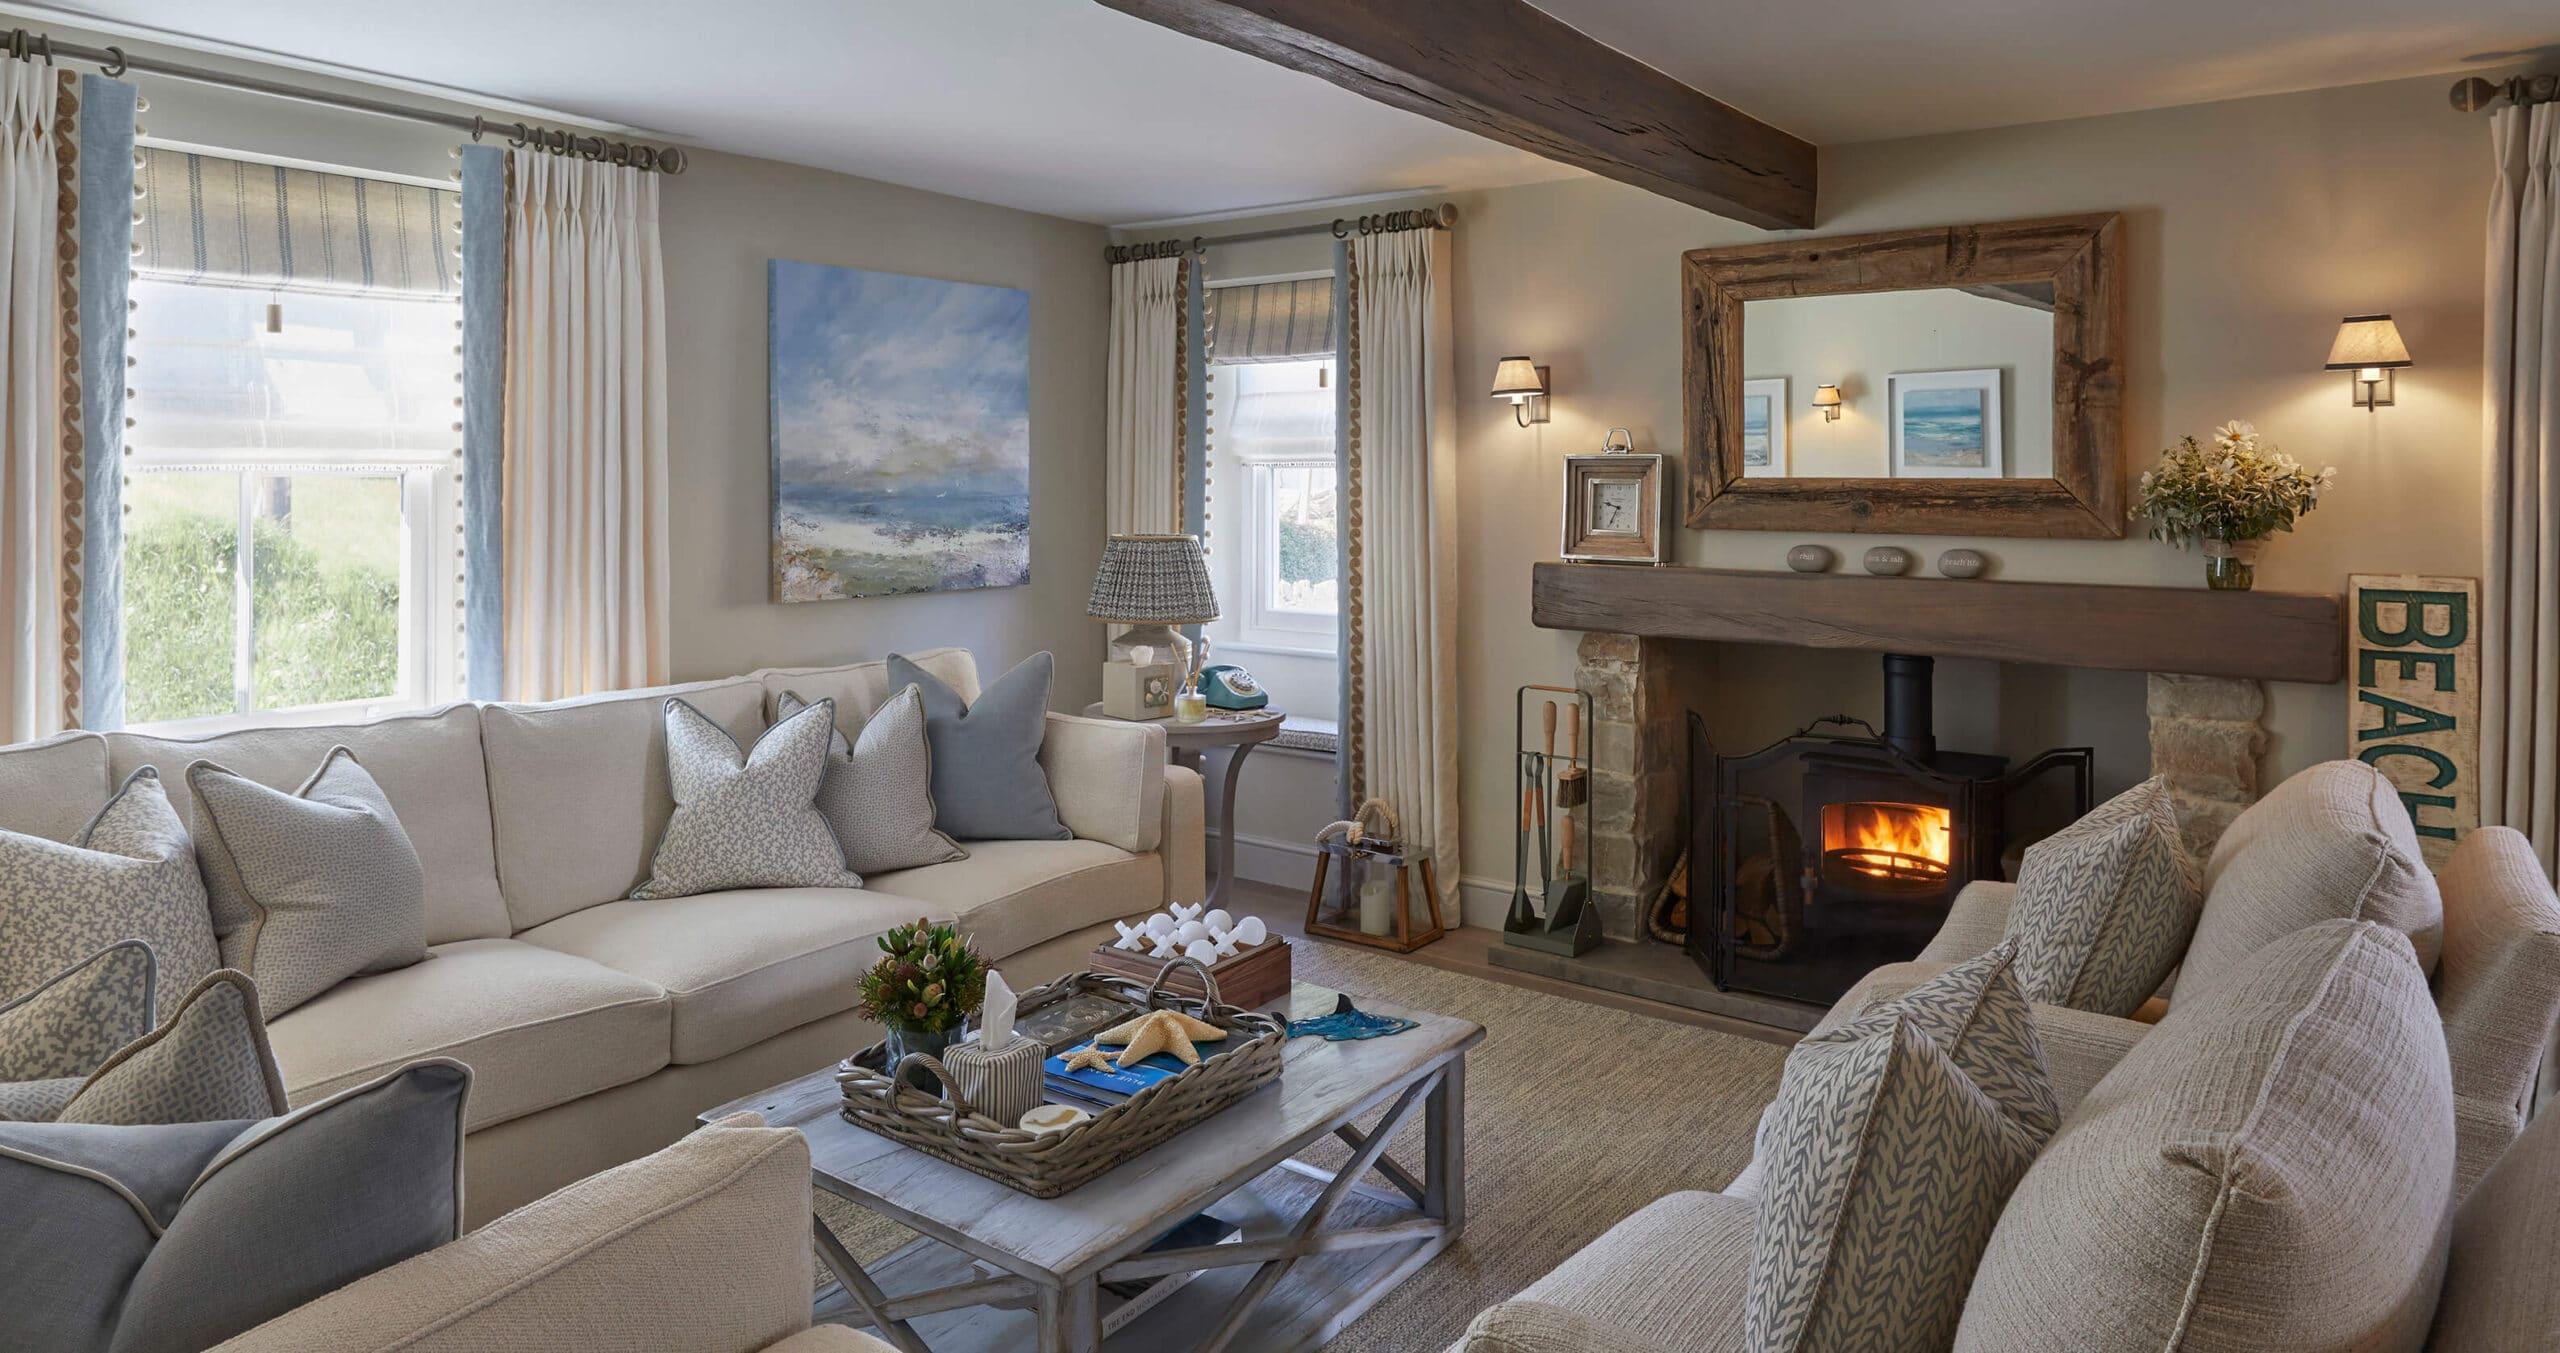 living room in Devon interior design project